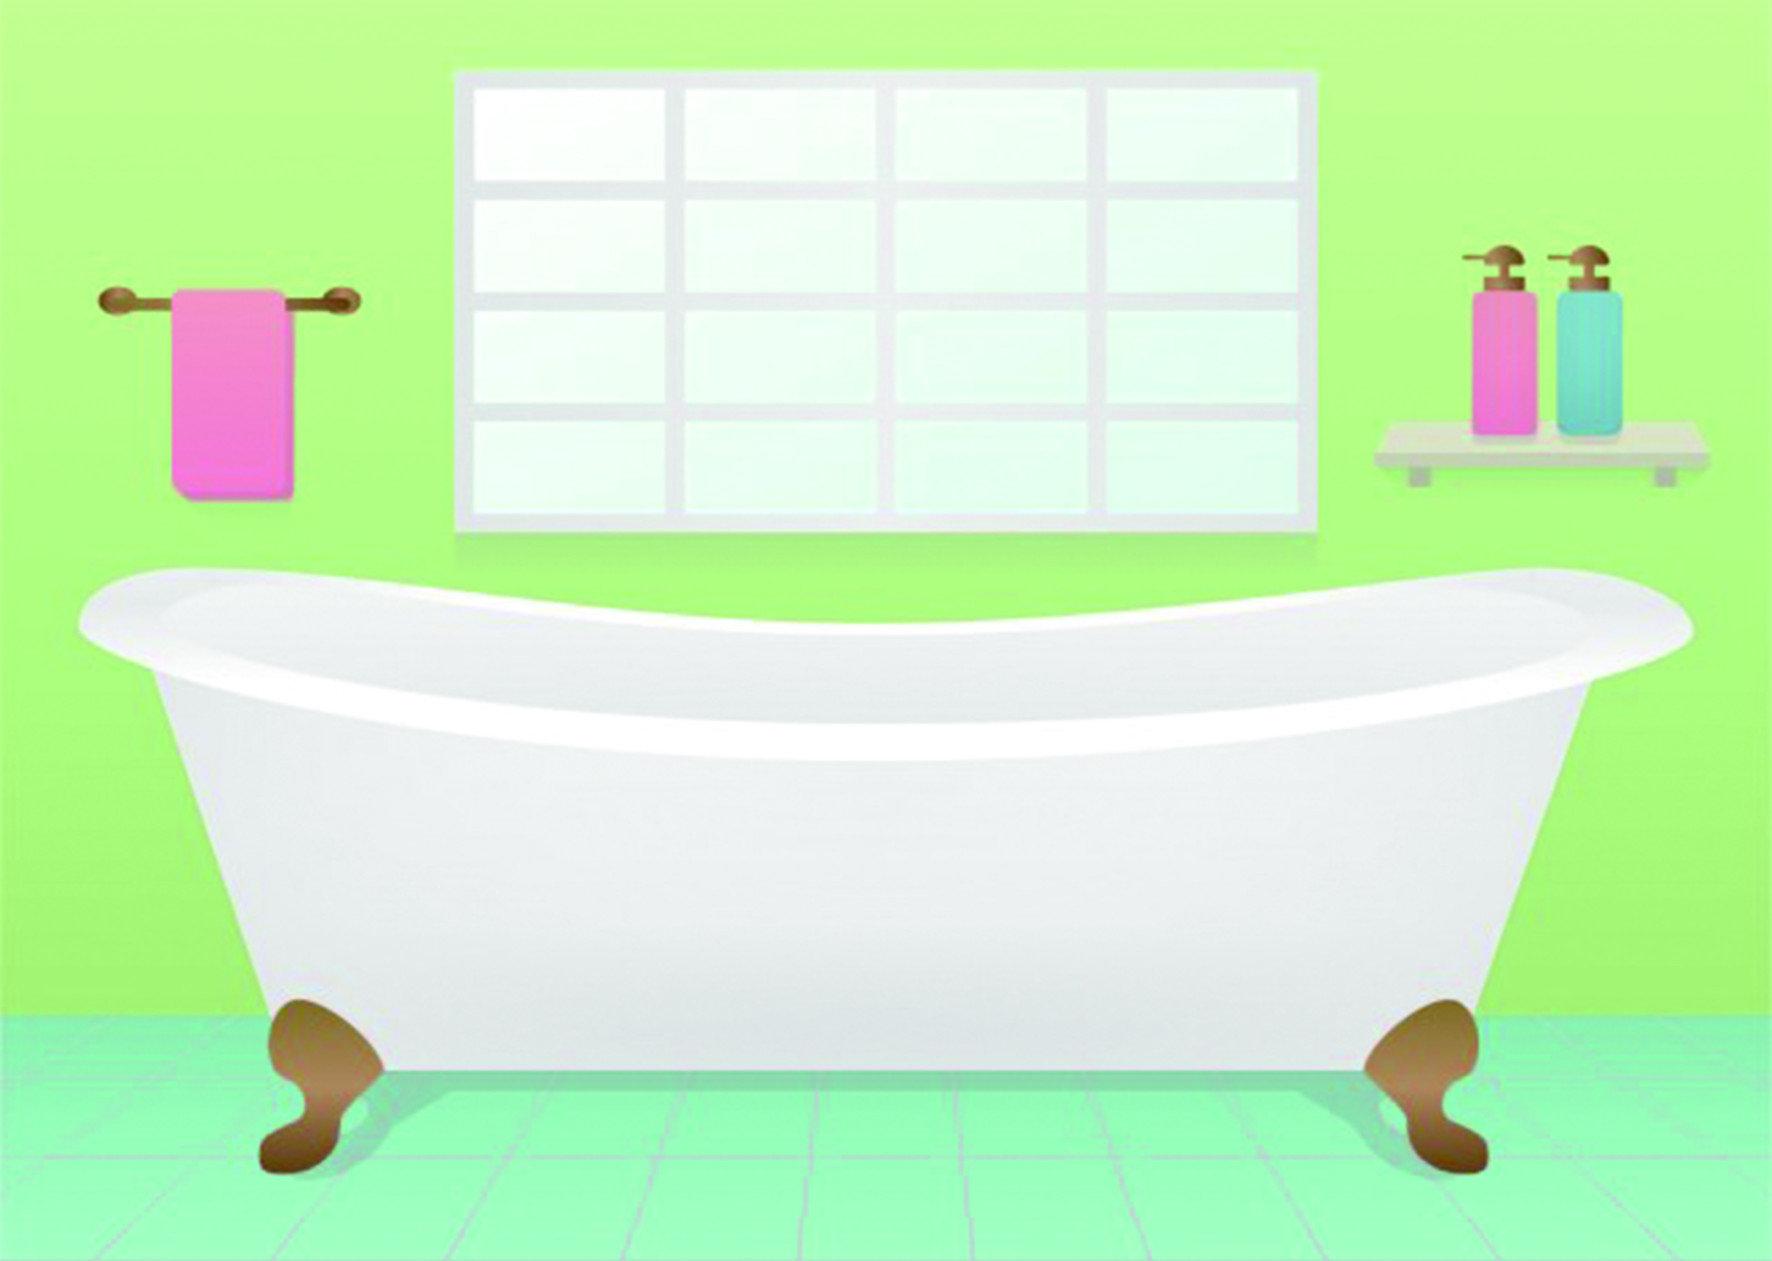 浴室潮濕容易孳生蟲子,潮濕的浴室正巧適合蟲子孳生,特別是老舊公寓更有機會巧遇這些不速之客。常常可以見到一隻隻黑色、身形微小又帶著翅膀四處飛舞的小蟲。還會在盆栽、草叢附近四處彈跳,體型僅1.5-2.5mm,難以察覺。